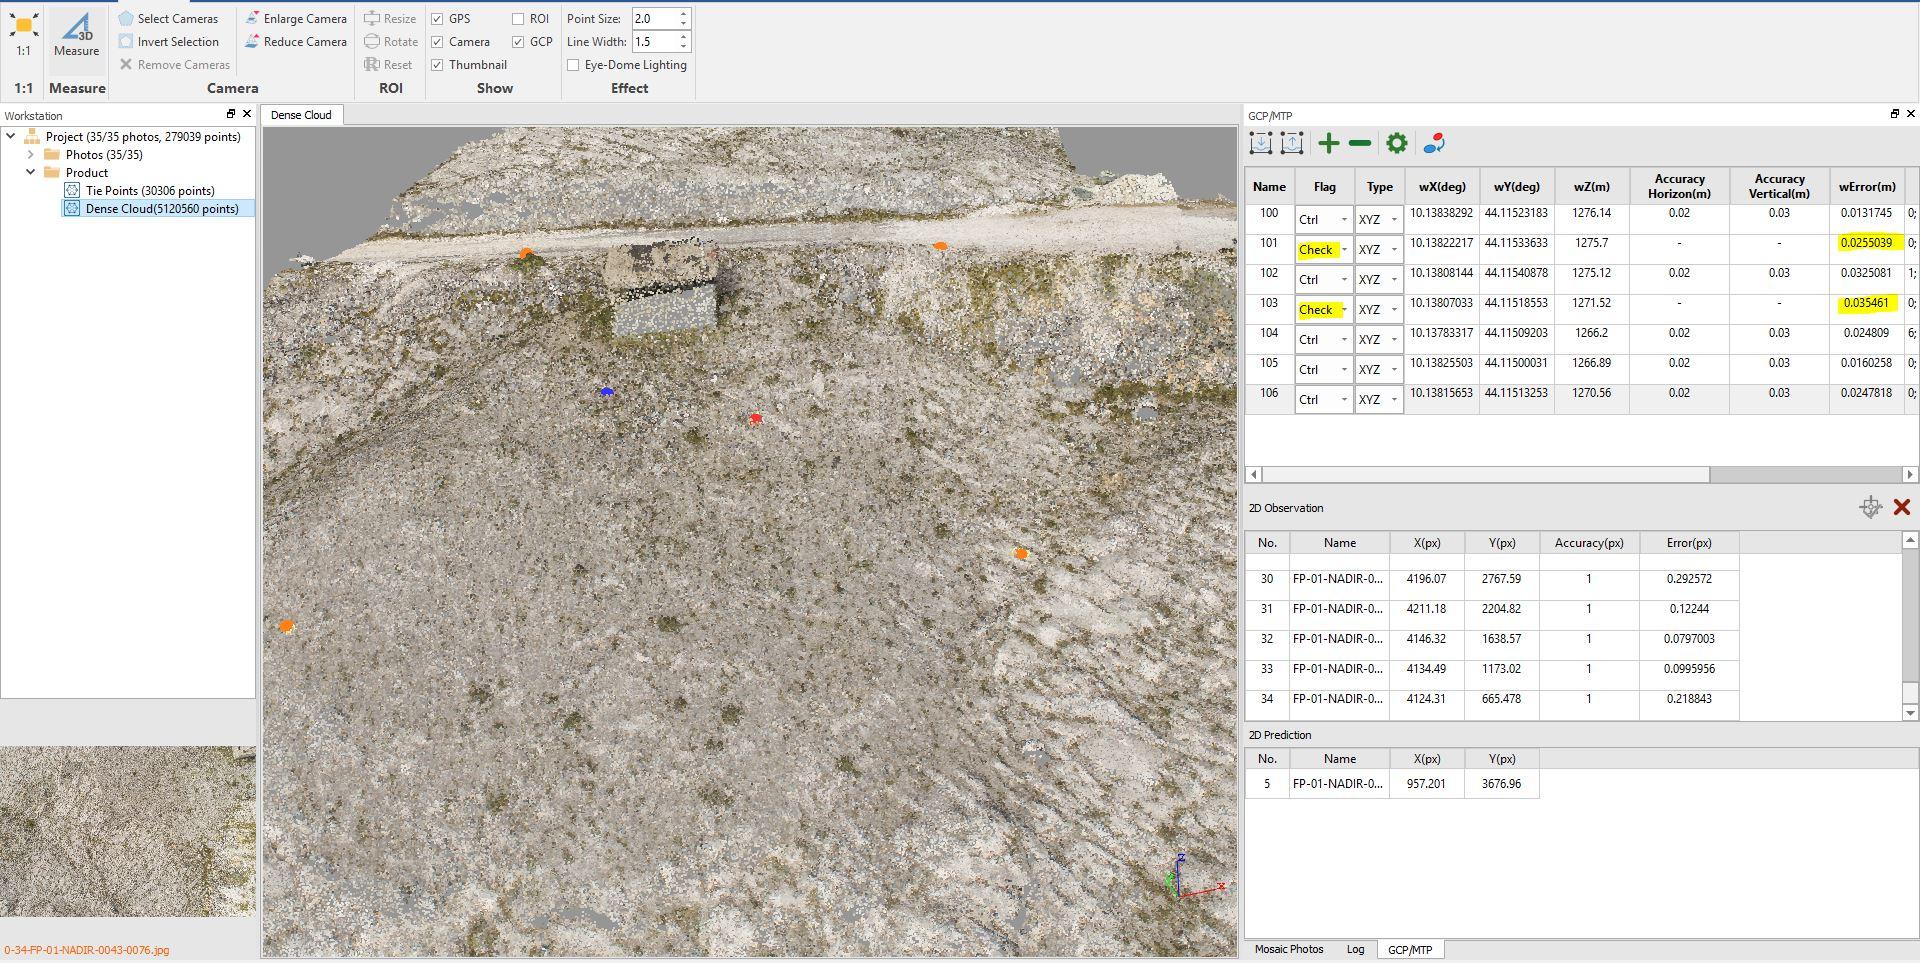 Immagine di una nuvola densa generata dal software LiMapper